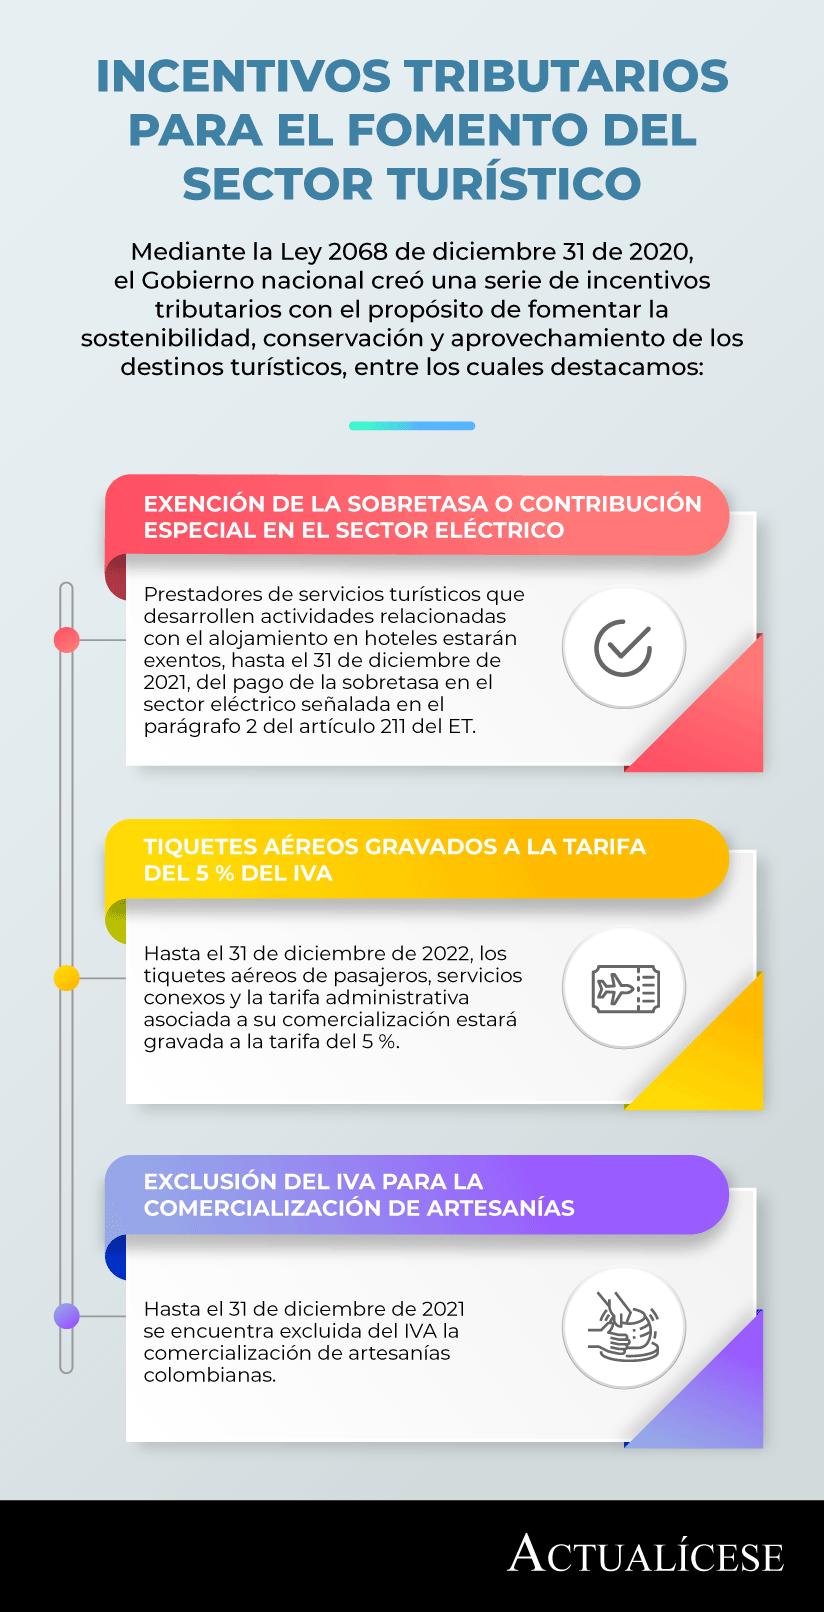 Nuevos incentivos tributarios para fomentar el sector turístico